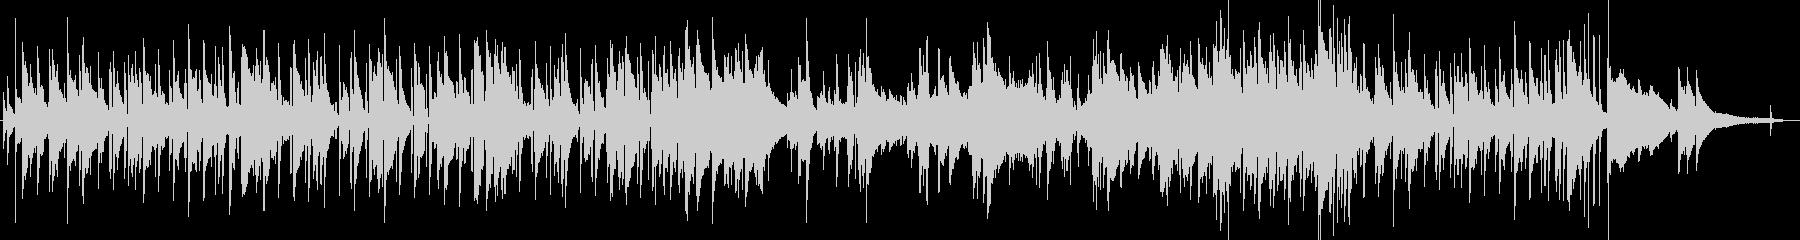 カフェ ボサノバ ピアノ おしゃれの未再生の波形